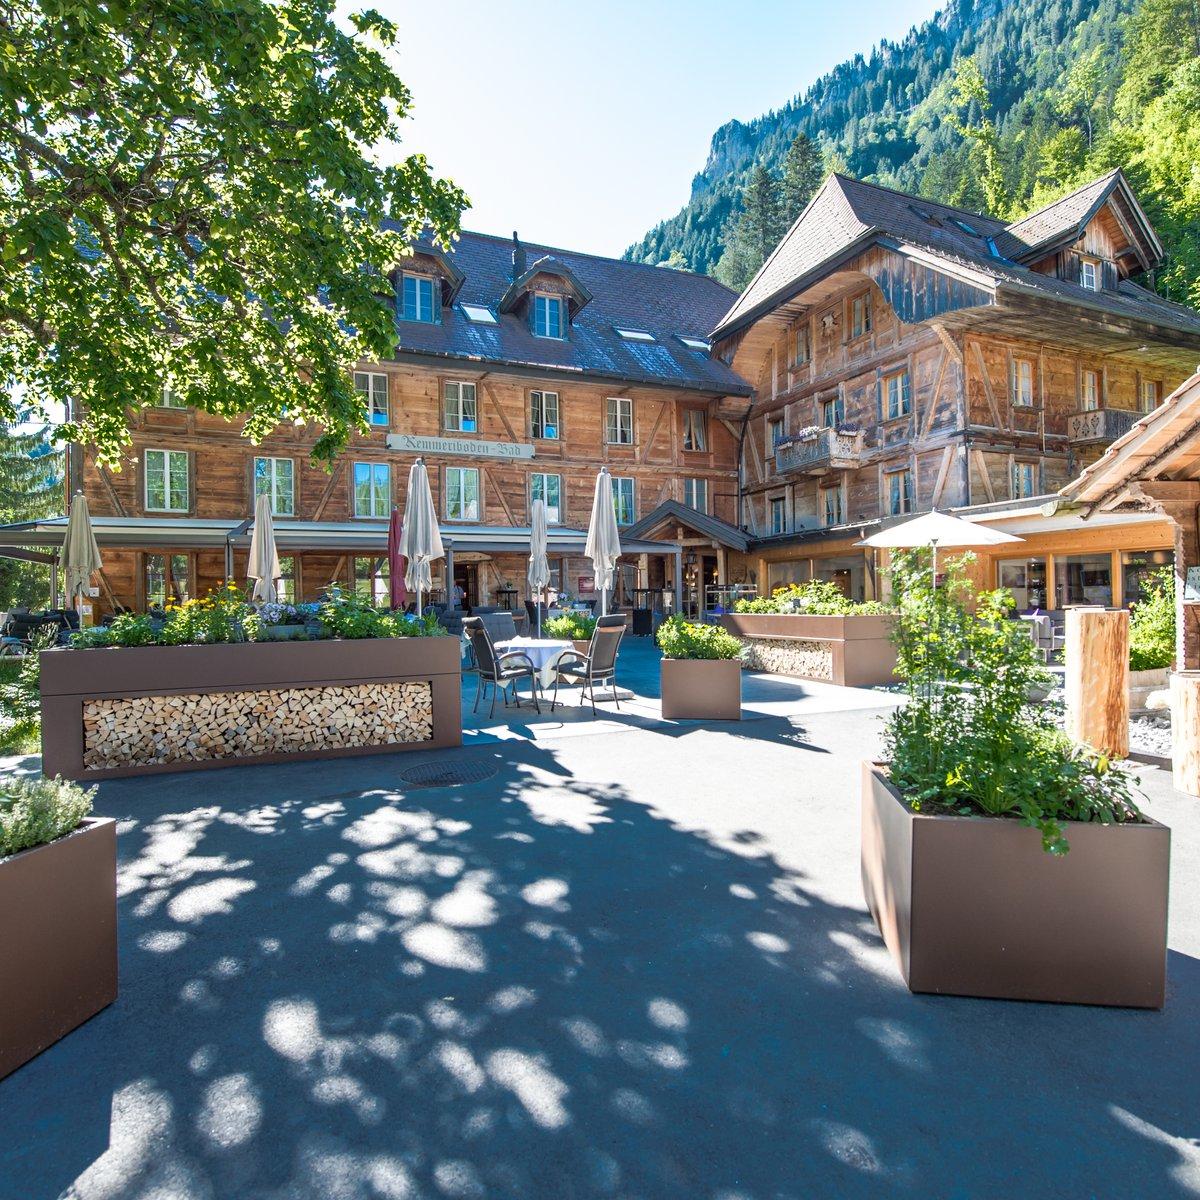 Restaurant Terrasse im Sommer